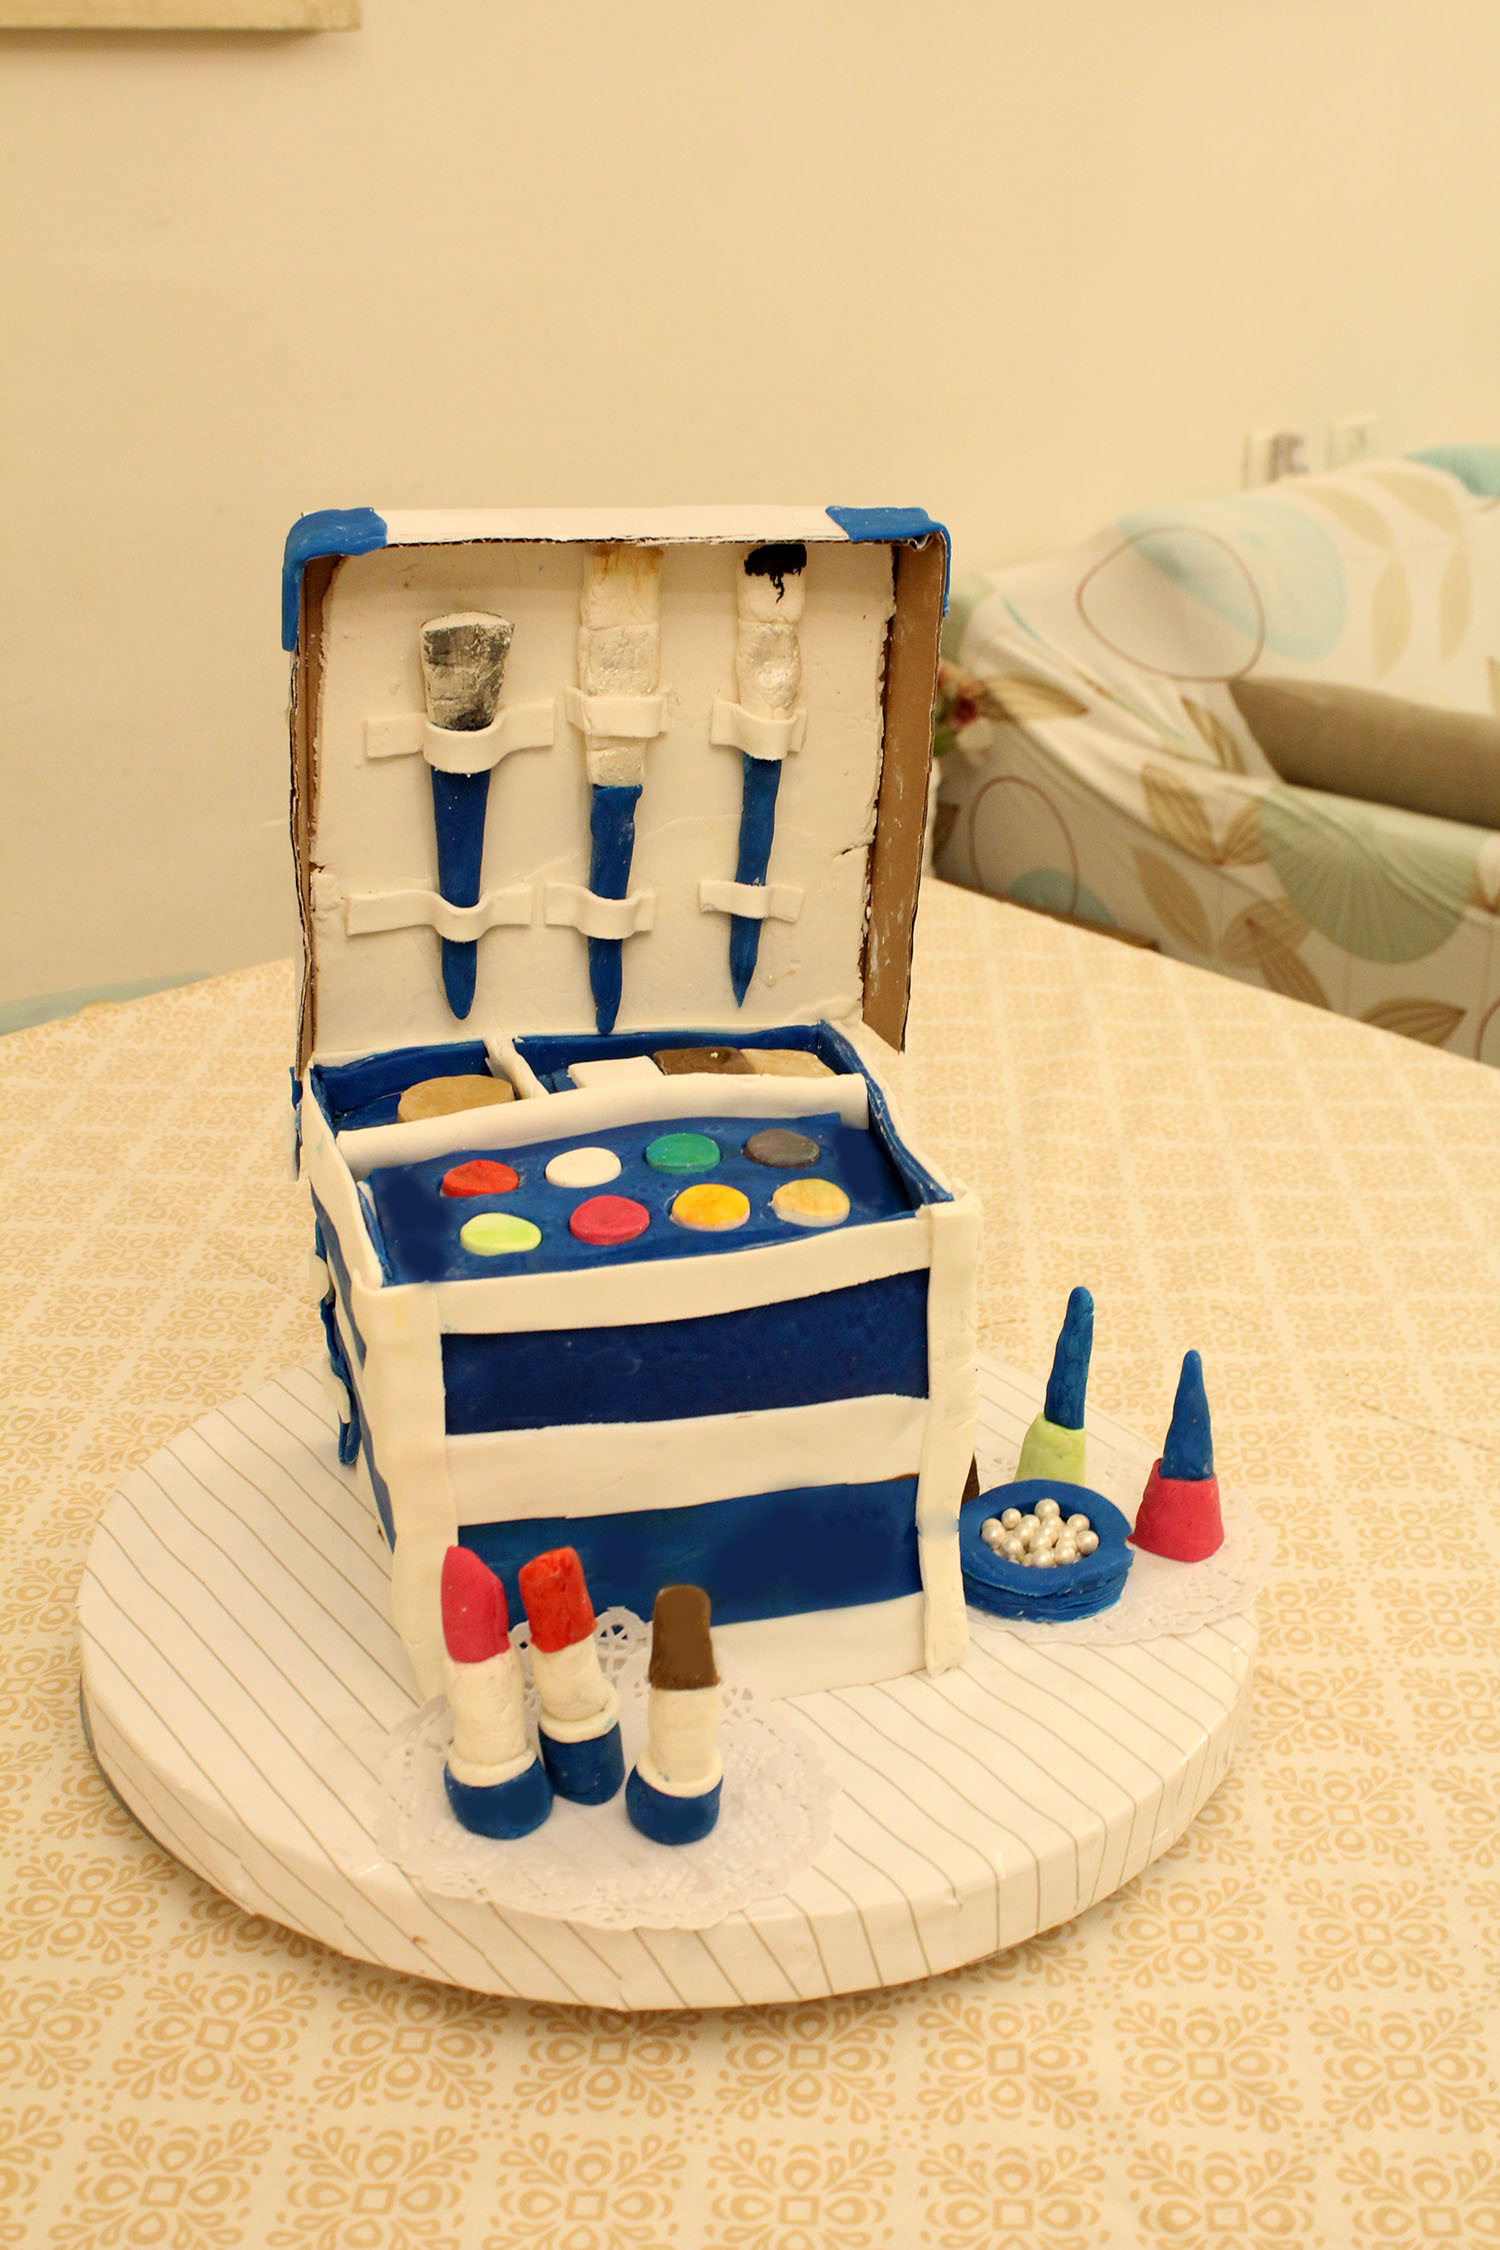 IMG 6435 - עוגה : סט איפור